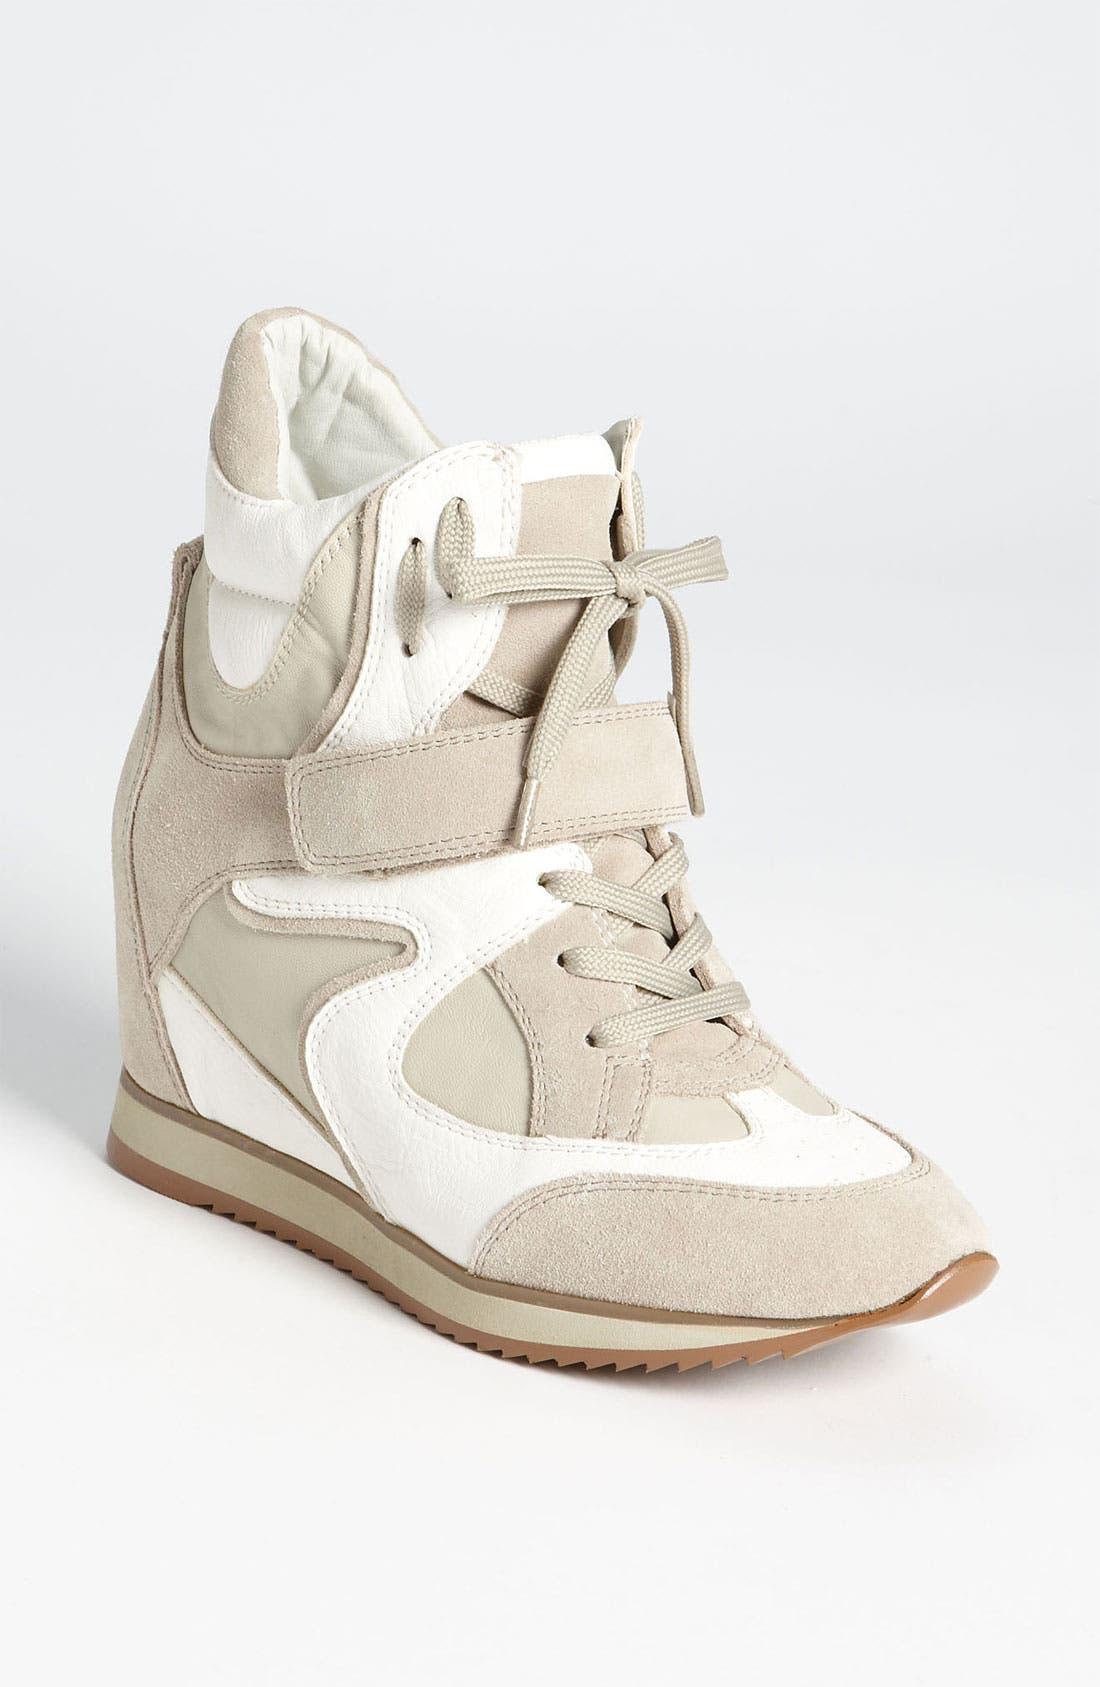 Main Image - REPORT 'Tao' Wedge Sneaker